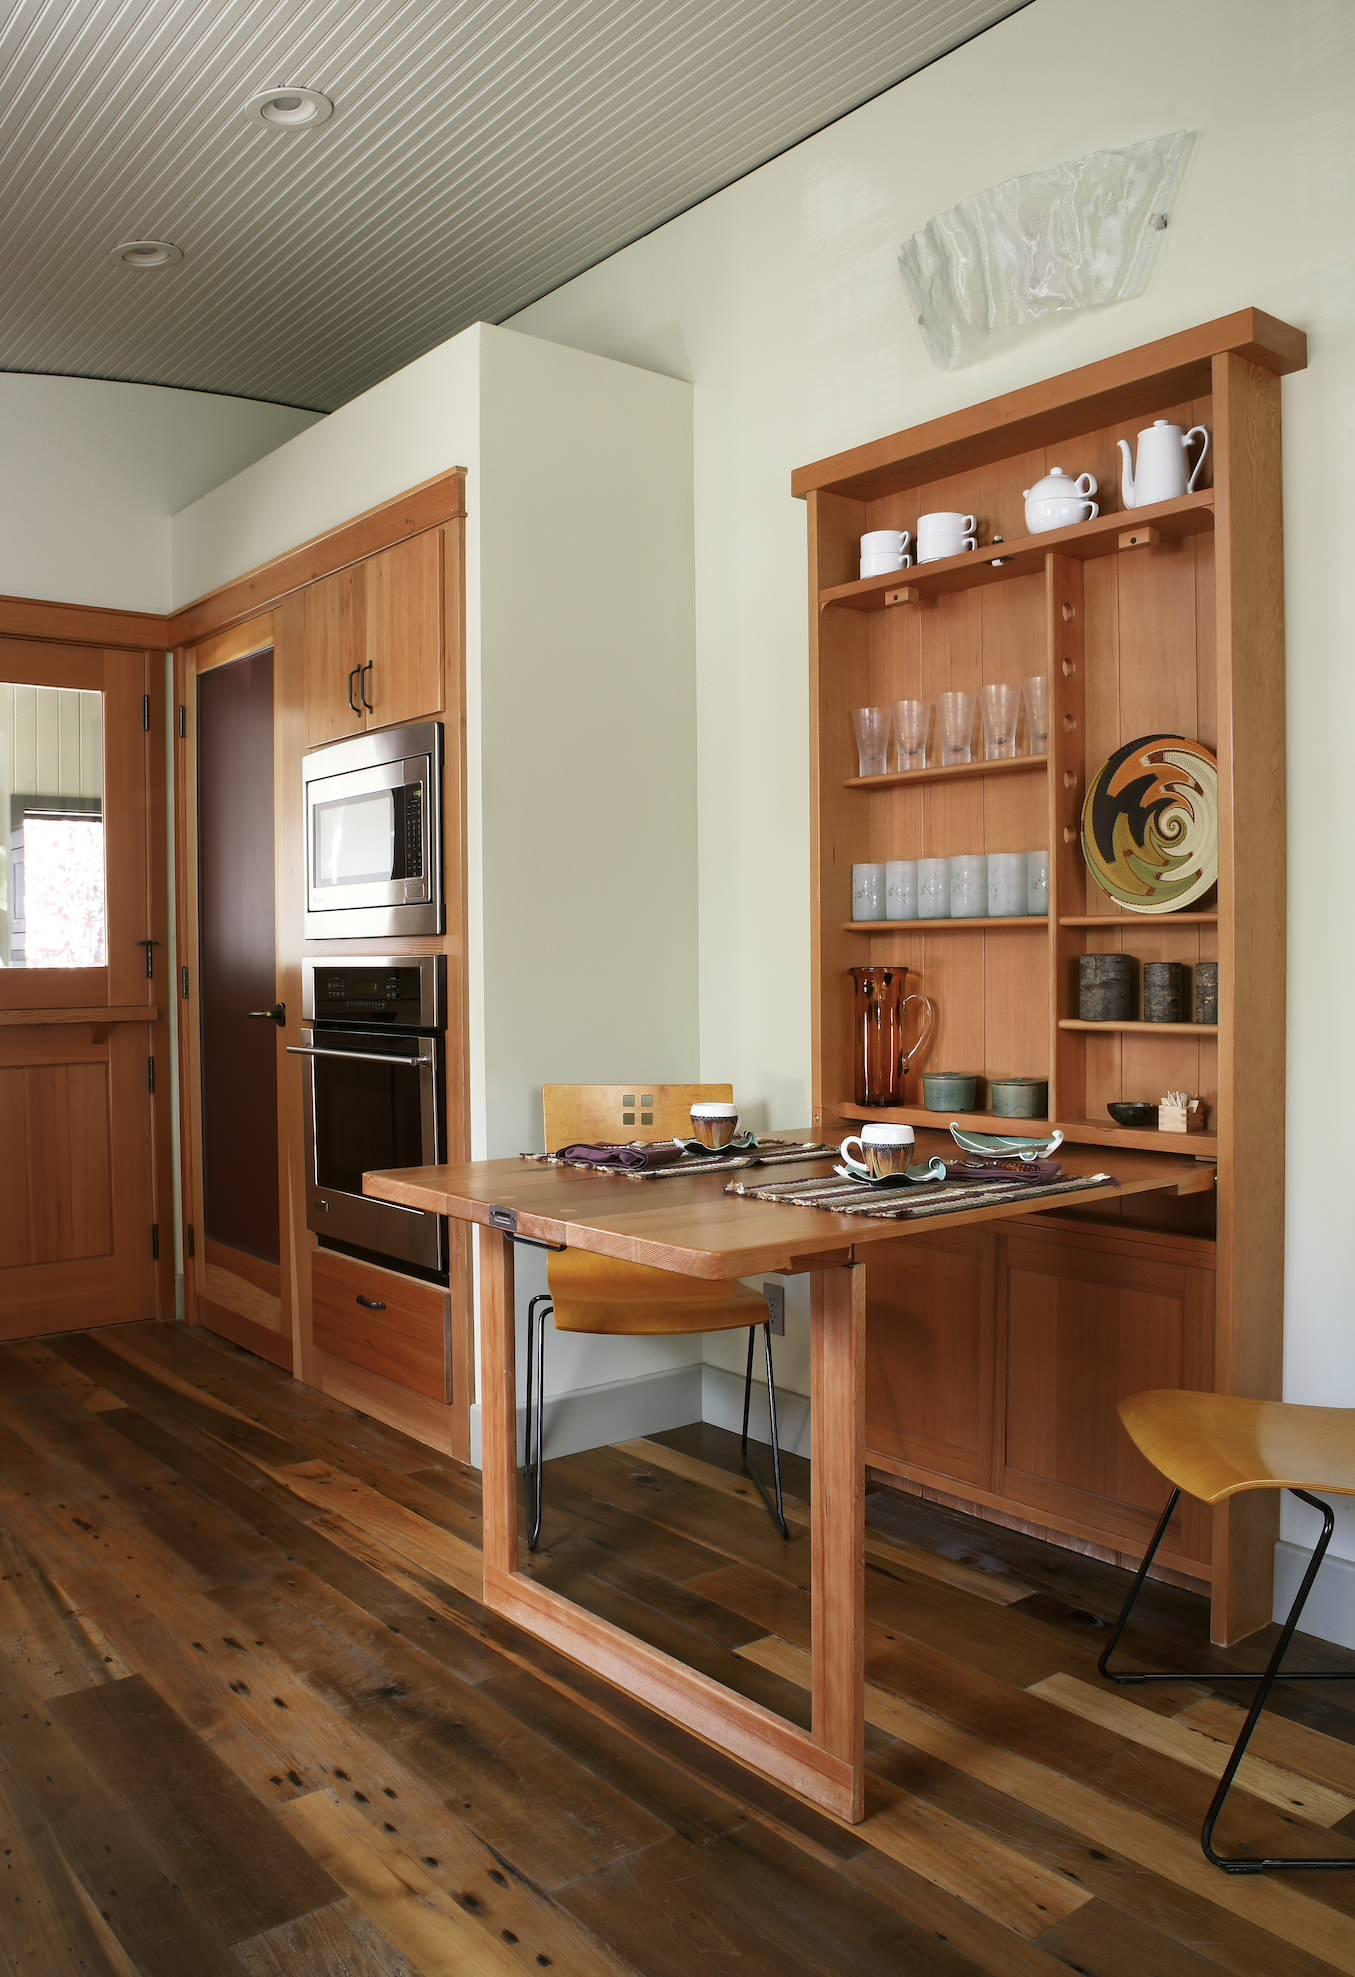 Кухонные столы раскладные для маленькой кухни: 60+ лучших ид.